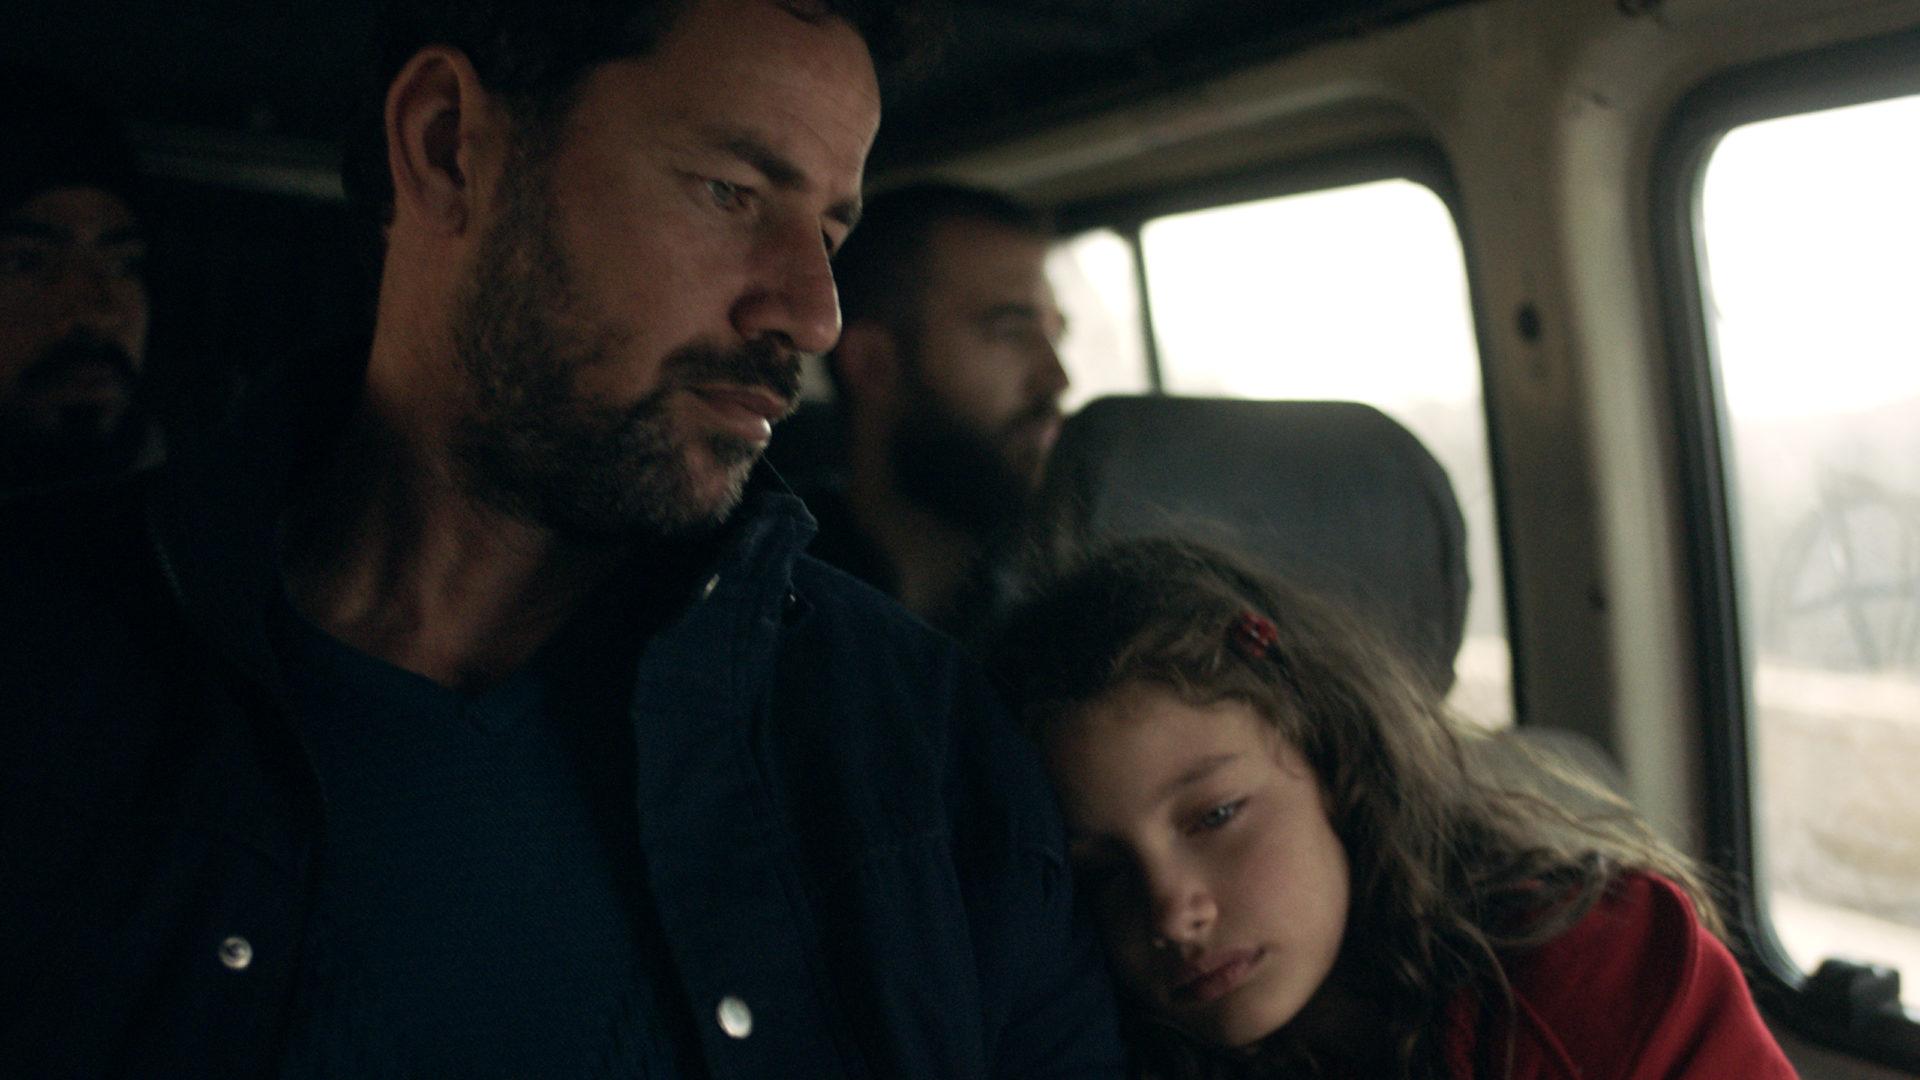 Cena do filme The Present. Pai e filha estão dentro de uma van, sentados lado a lado em dois bancos. O pai está a esquerda, e a filha pequena à direita, com a cabeça apoiada em seu braço. A menina está com semblante triste e o pai com semblante pensativo. Ambos olham para baixo, em diagonais contrárias.